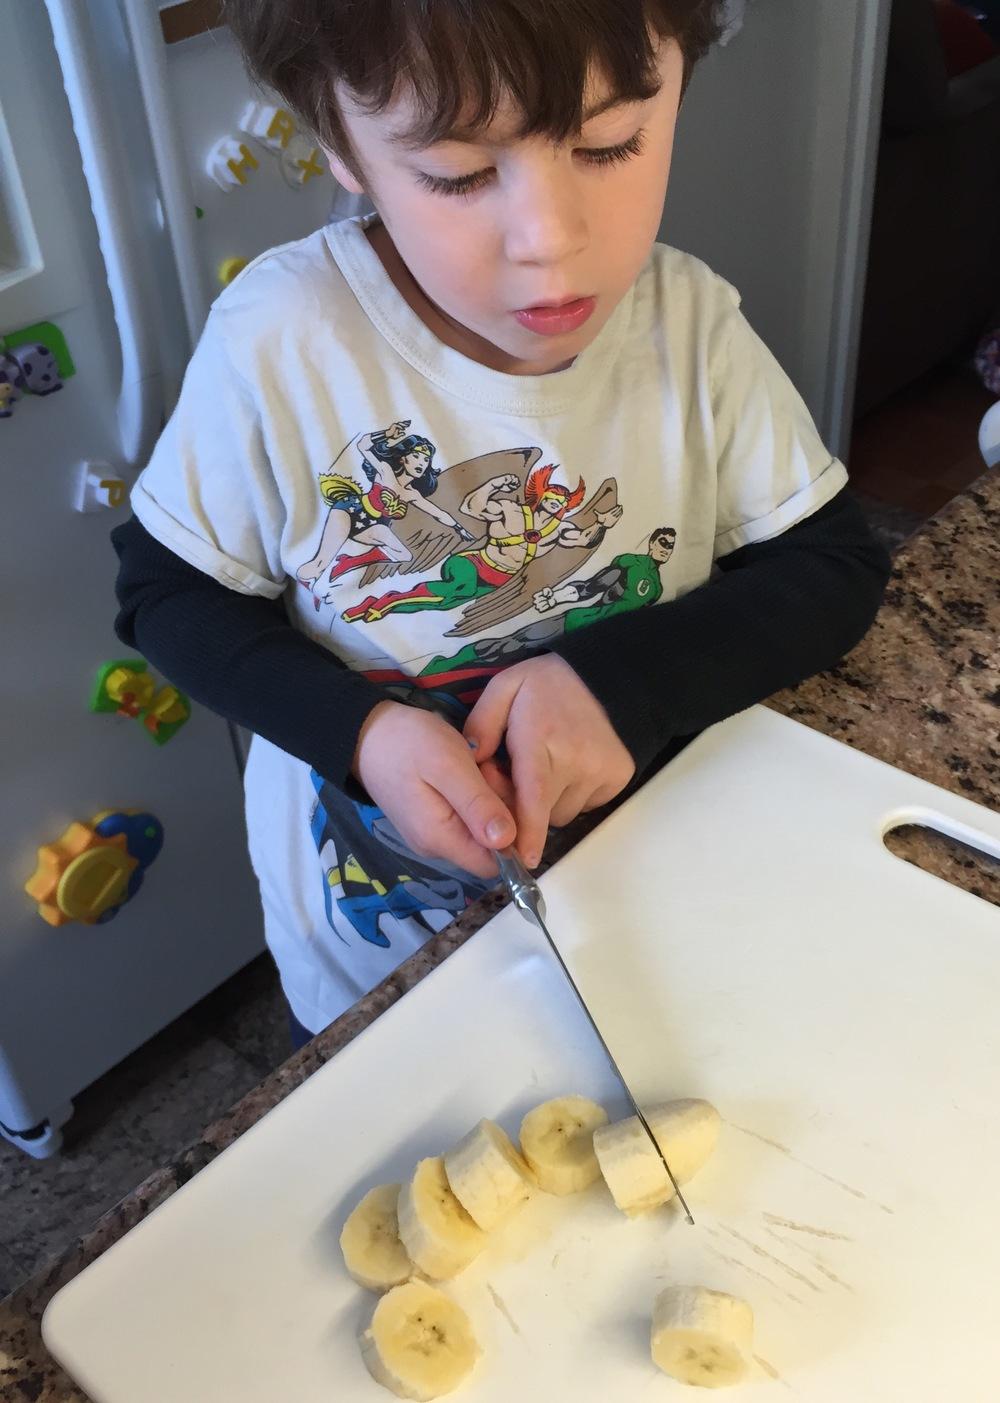 LaLa Mothers Day bananas